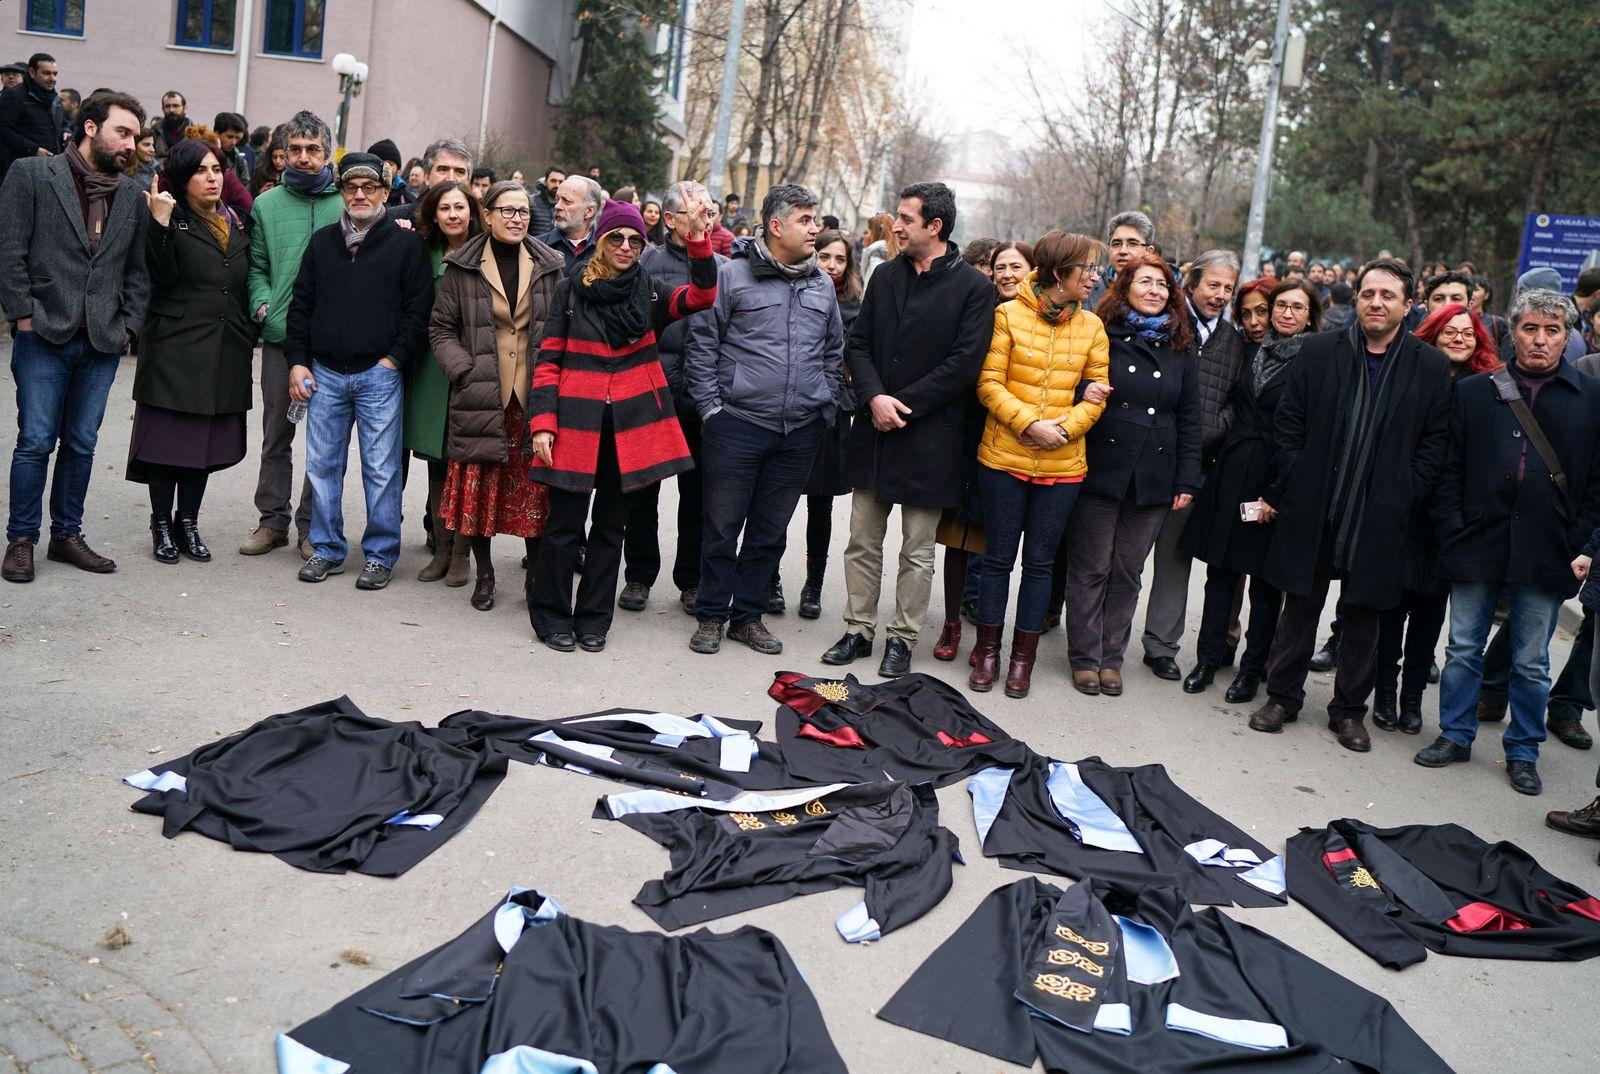 TURKEY-SECURITY/DISMISSALS